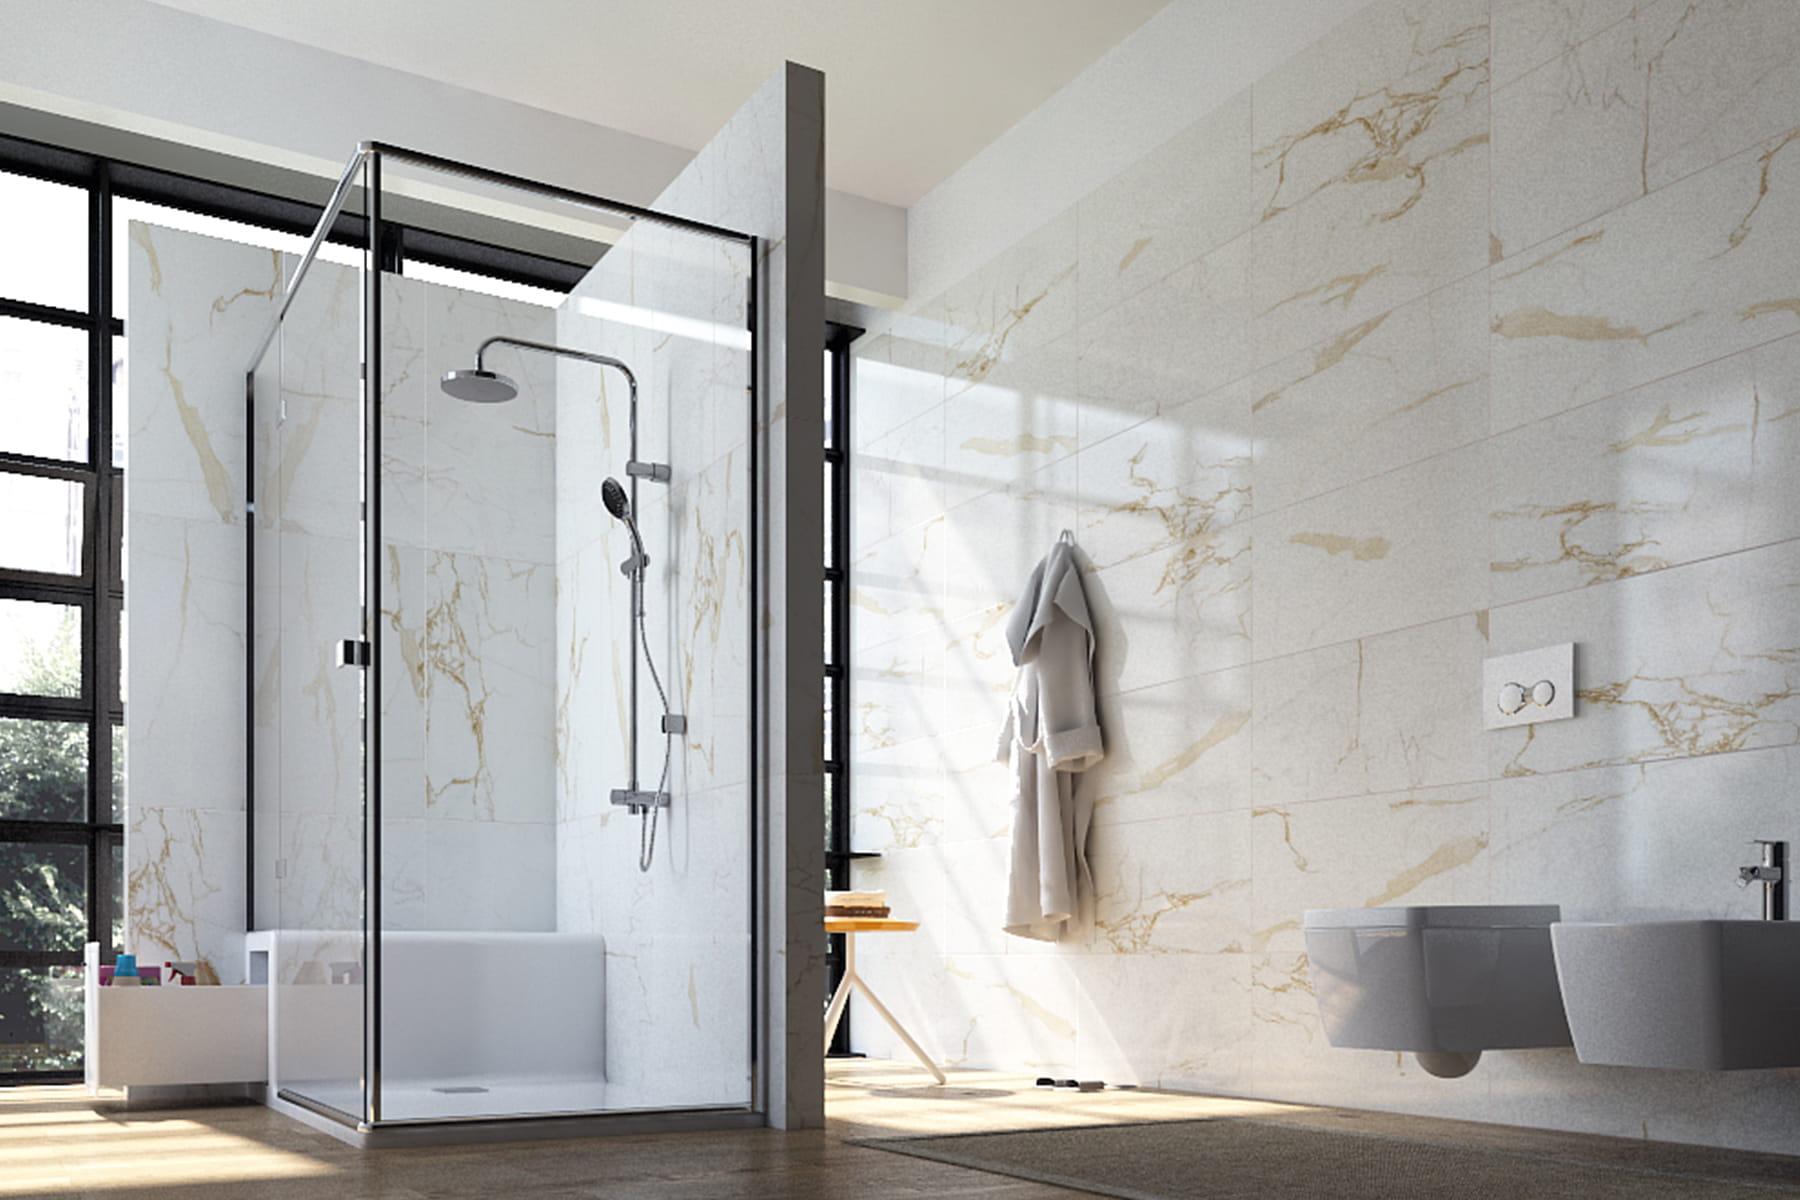 Si ge sous la douche des salles de bains qui font r ver - Rever de salle de bain ...